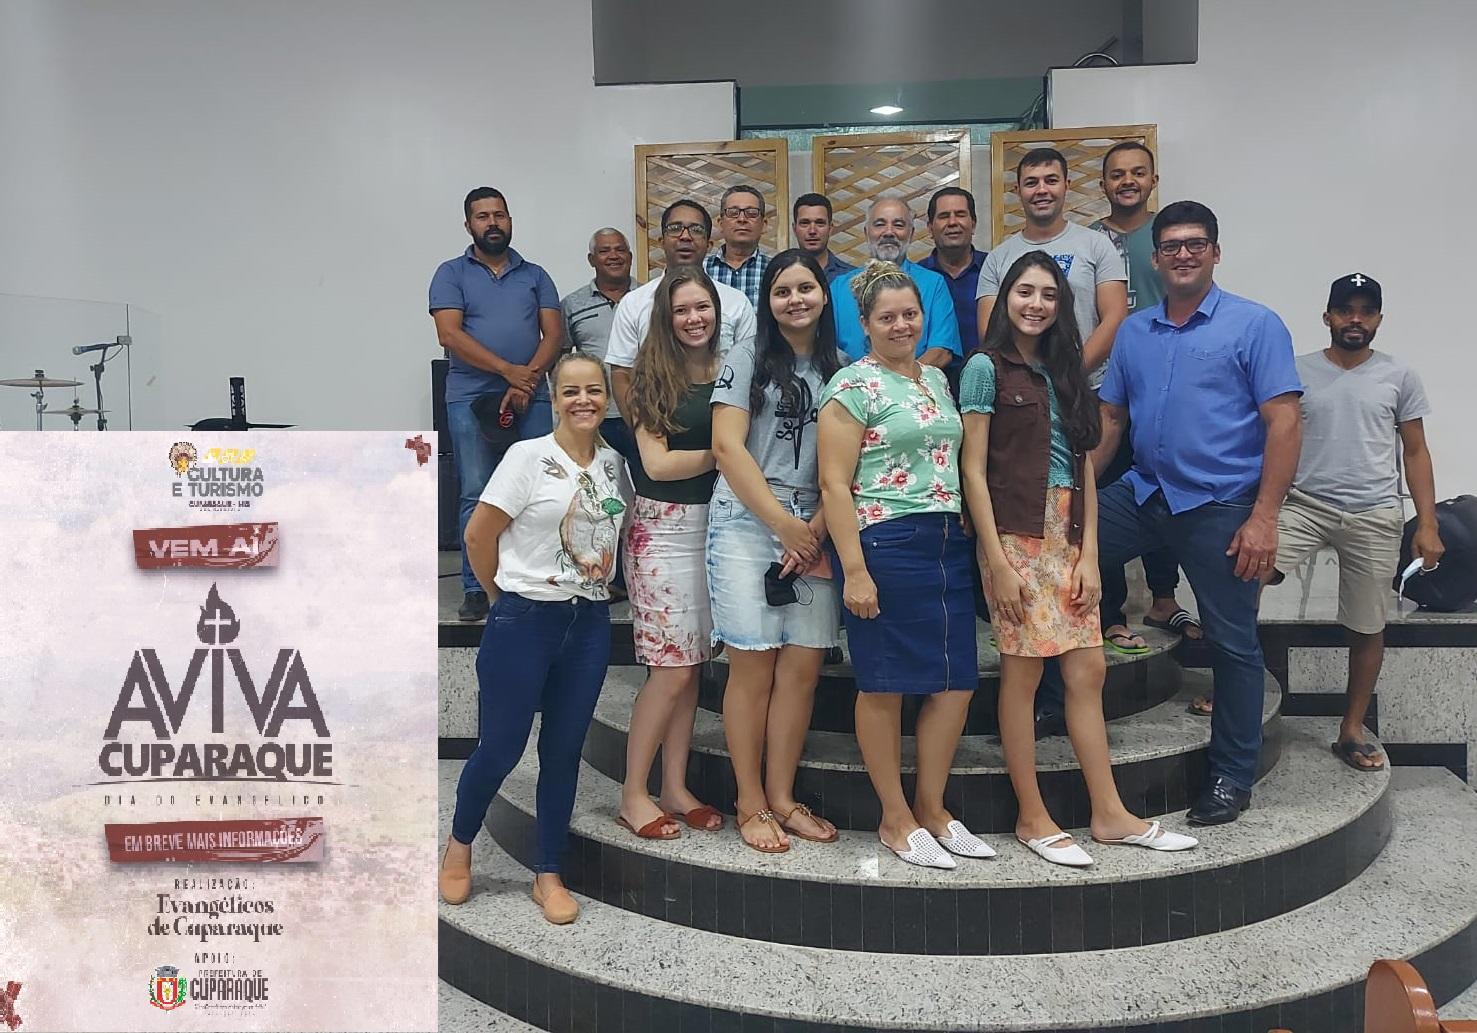 AVIVA CUPARAQUE – COM APOIO DA PREFEITURA COMEMORAÇÃO DO DIA DO EVANGÉLICO SERÁ DIA 30/10